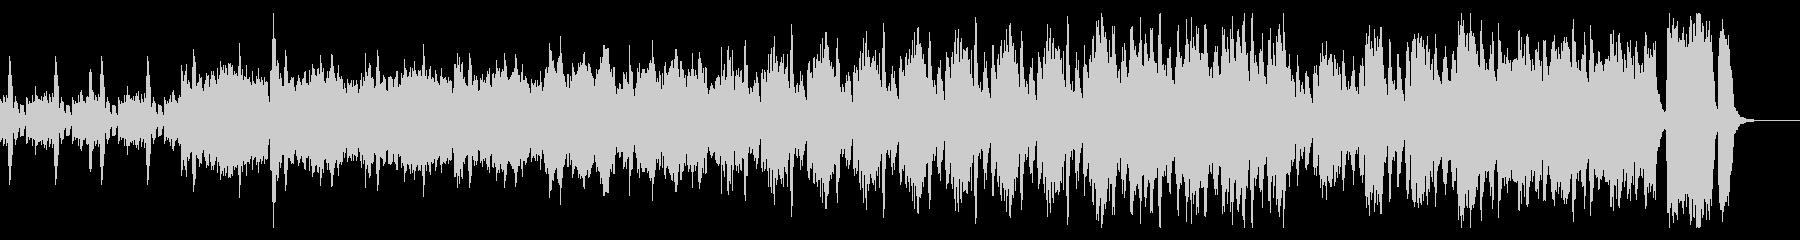 モダンでモードなクールピアノストリングスの未再生の波形